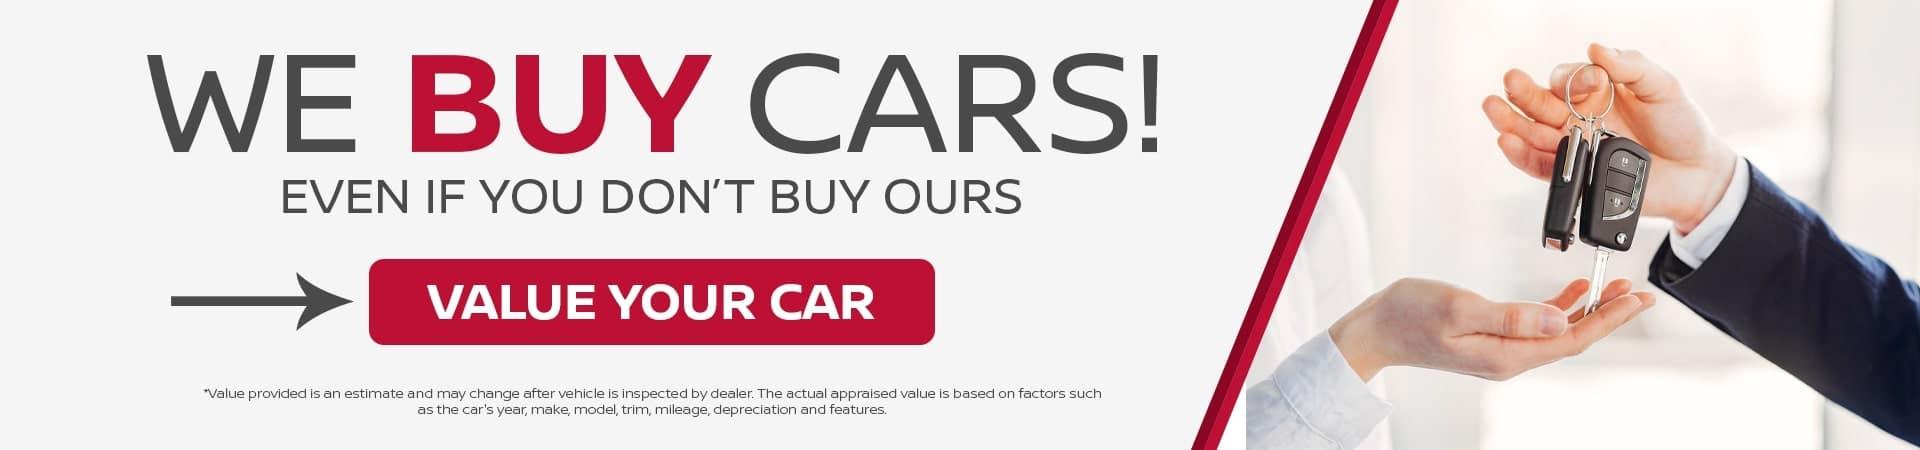 We Buy Cars May 21